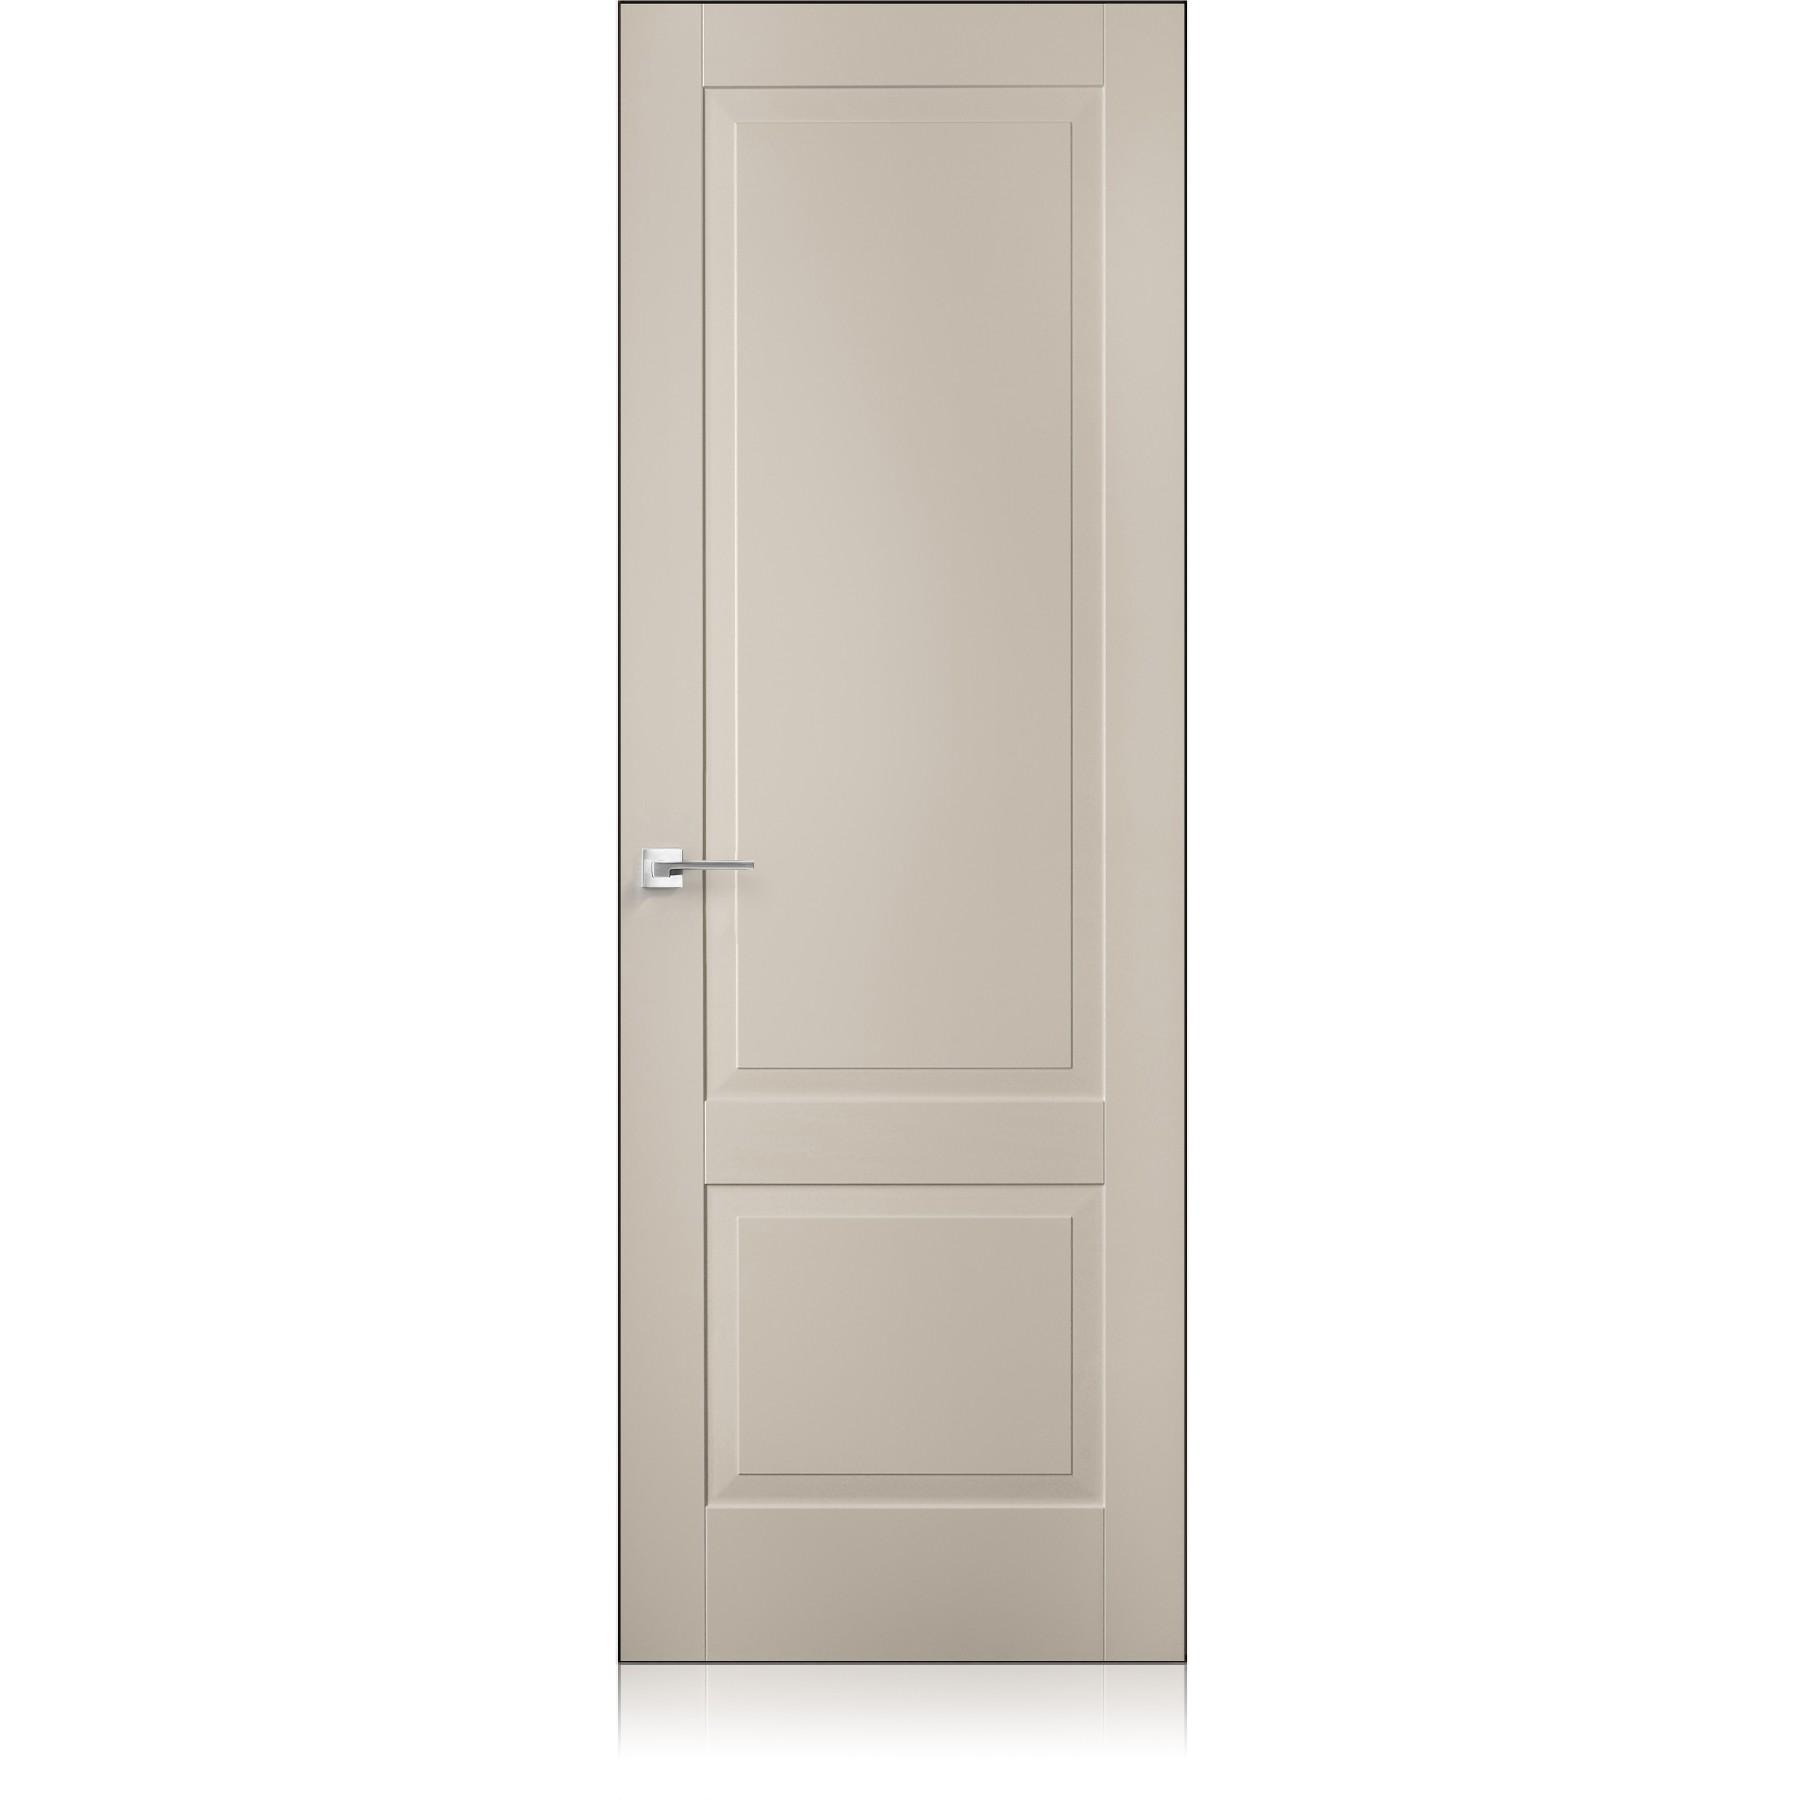 Suite / 22 Zero tortora door